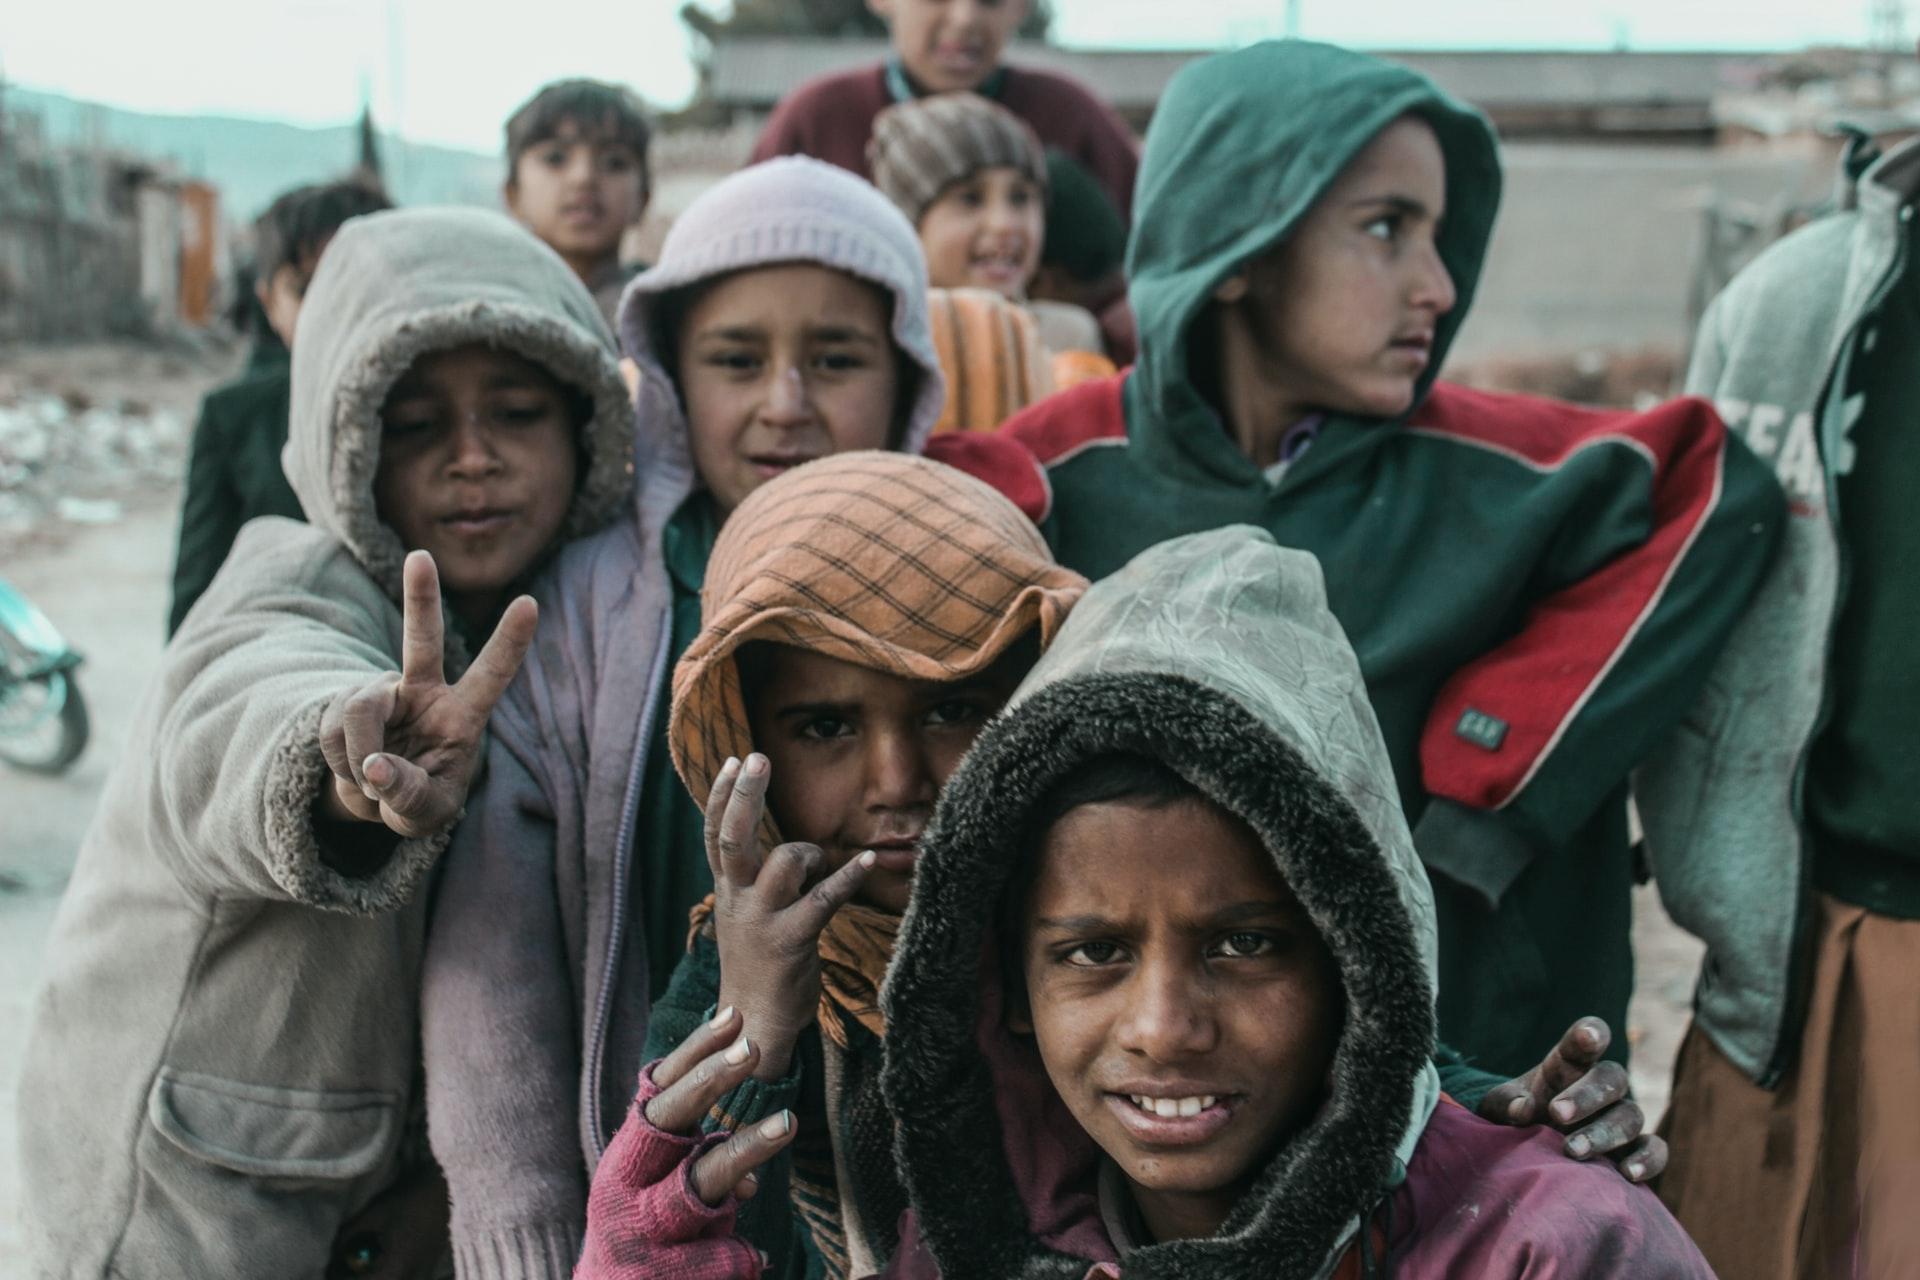 Pandemia wepchnęła miliony ludzi w ubóstwo, a to jeszcze nie koniec. Pora zacząć działać!